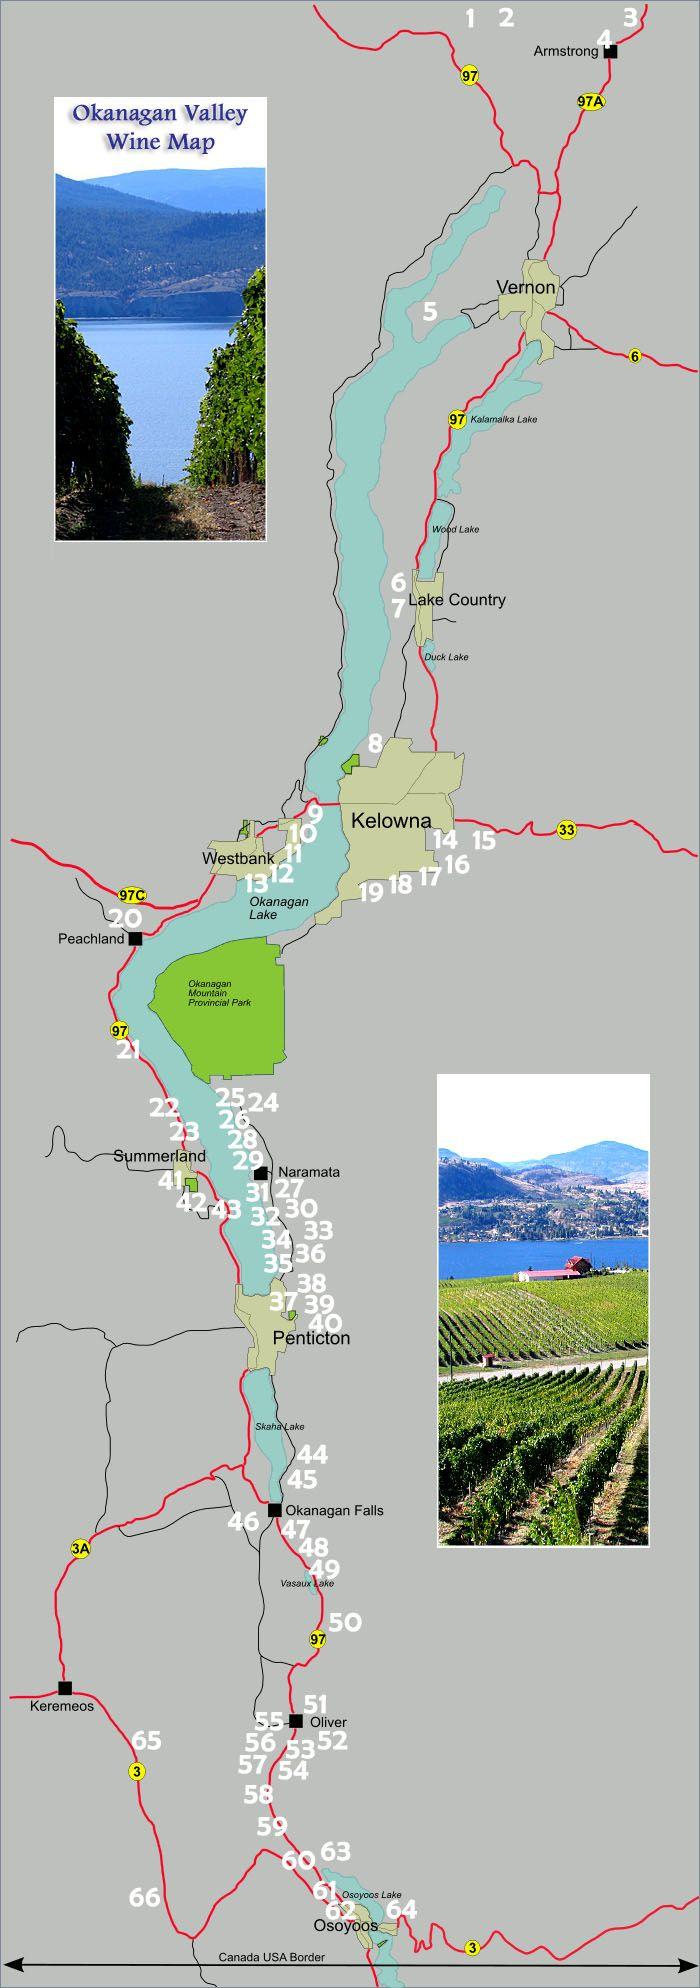 OKANAGANCOM  Okanagan Wine Map  Okanagan Wineries Wineries